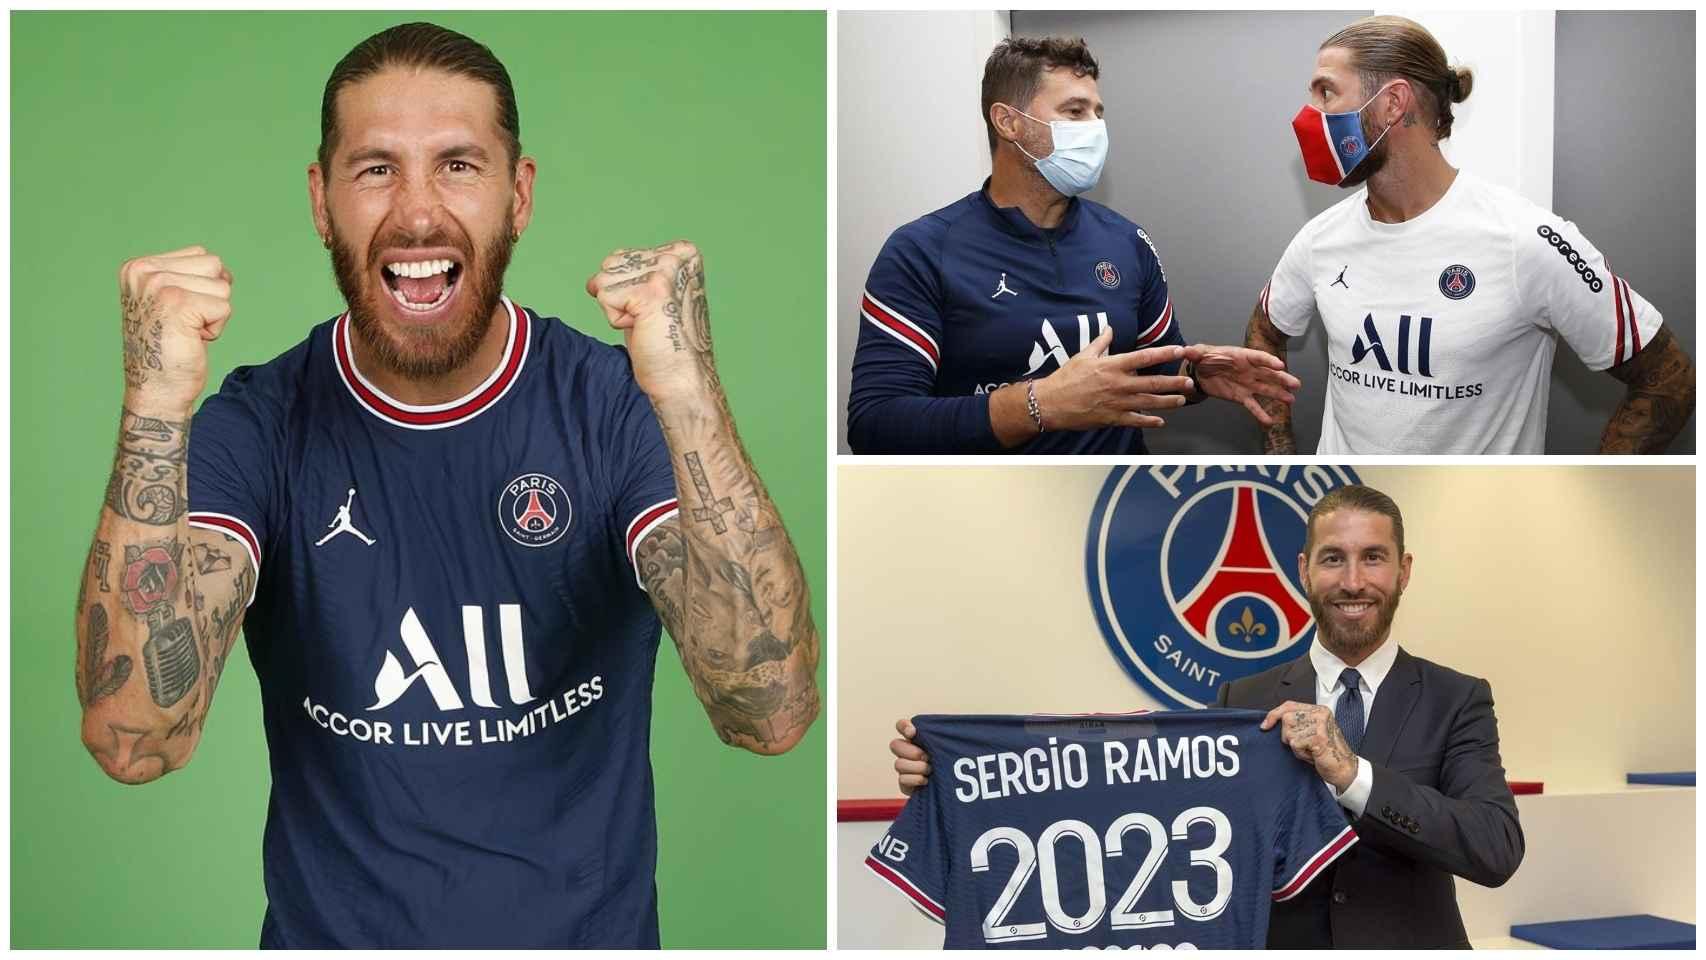 Las primeras fotos de Sergio Ramos en el PSG